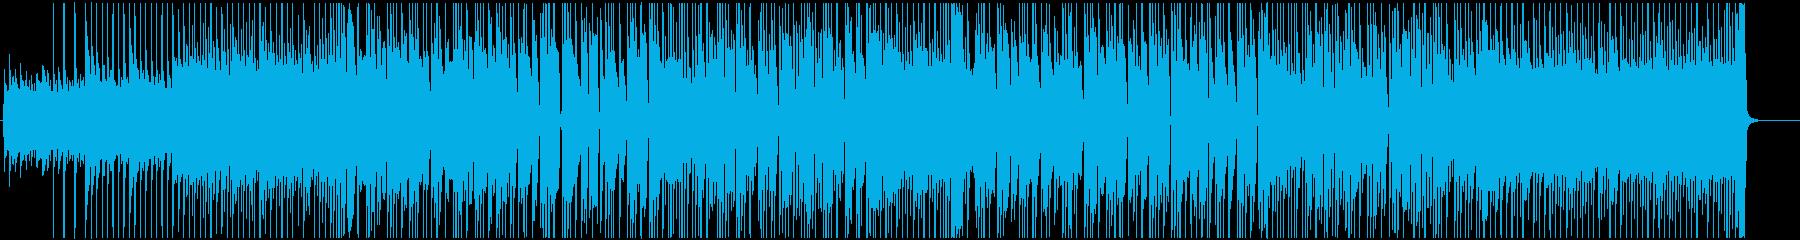 サーフロック風の爽やかなポップス♪の再生済みの波形